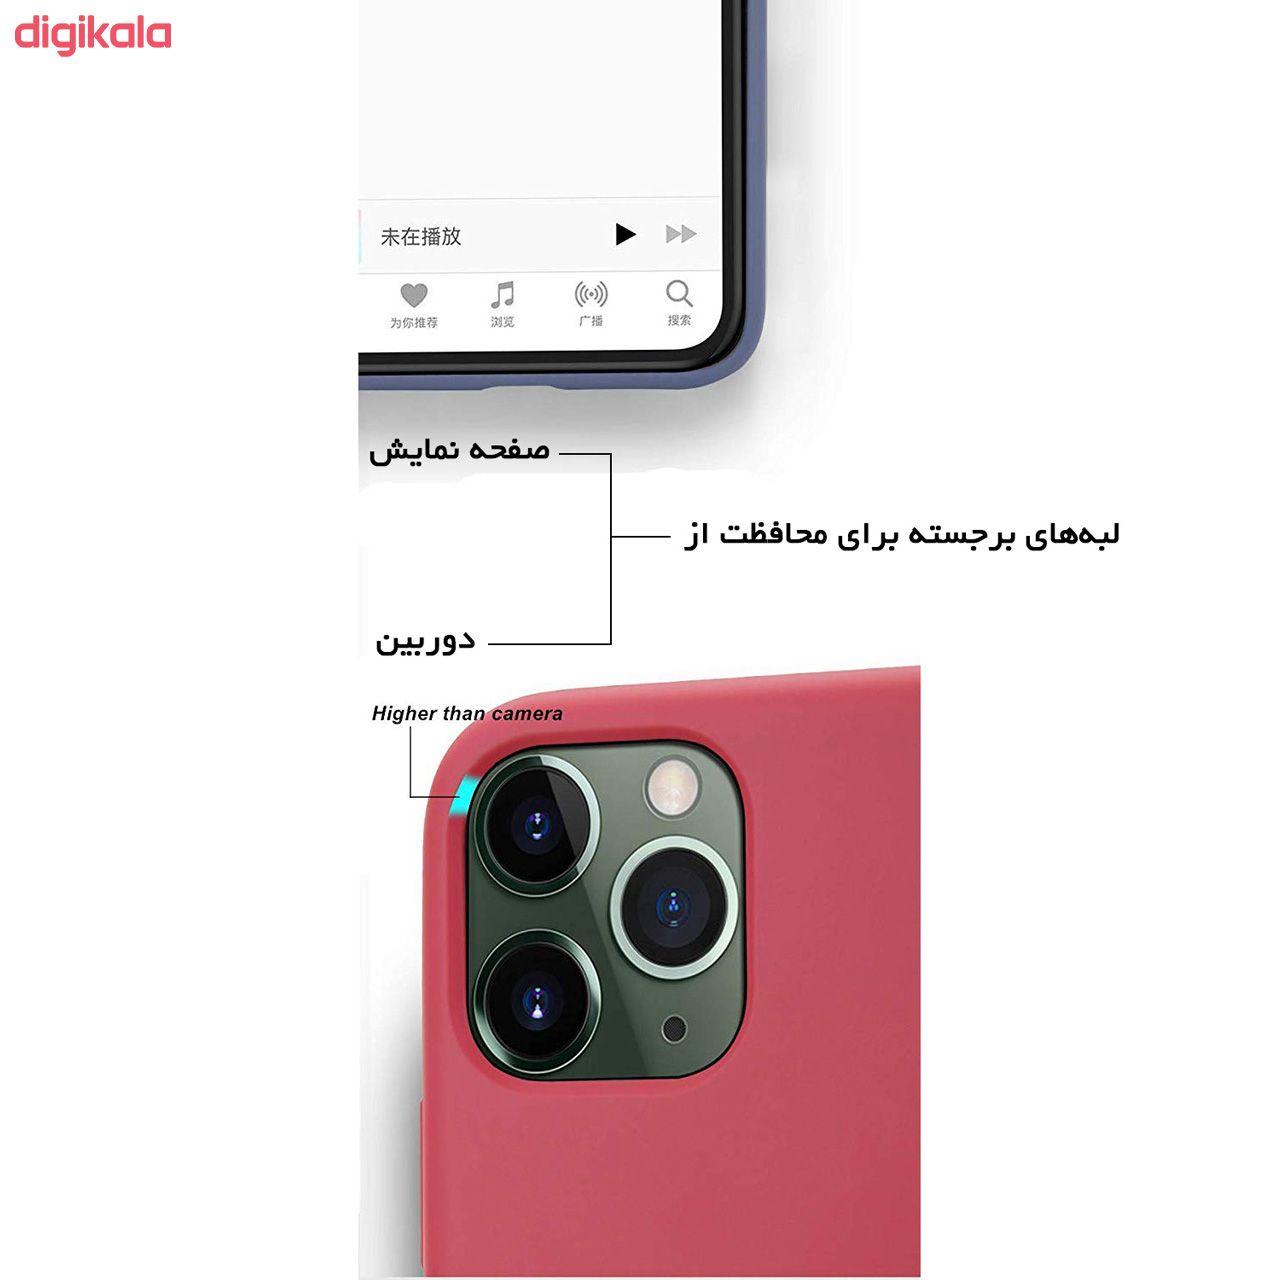 کاور وی کیس مدل Si01 مناسب برای گوشی موبایل اپل iPhone 11 main 1 6